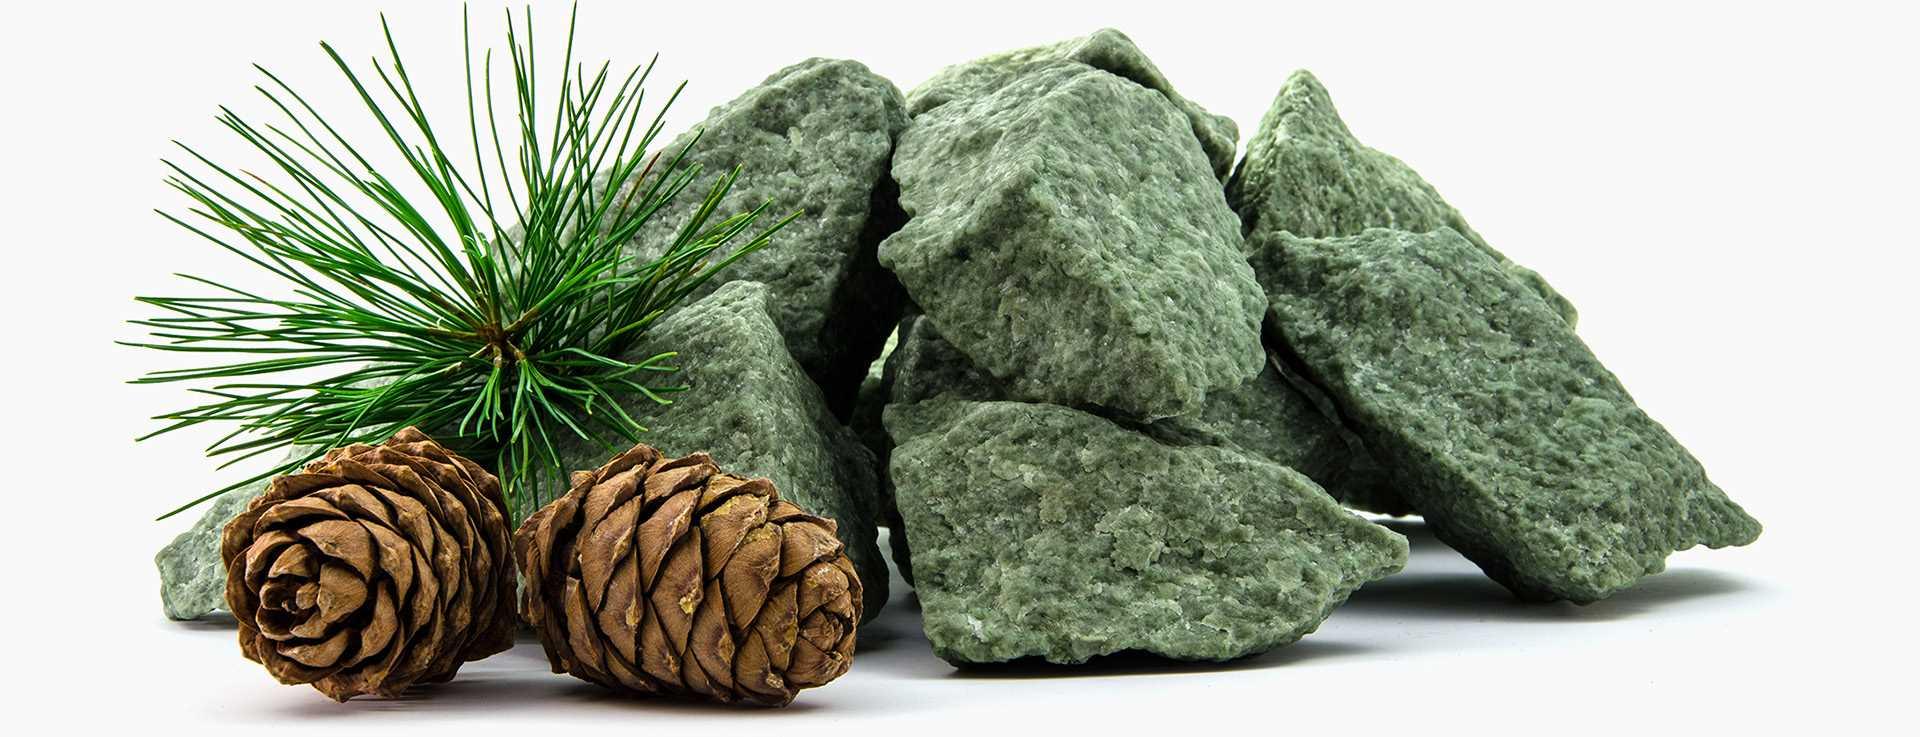 Жадеит для бани: свойства зеленого камня для сауны, использование колотого жадеита для печи